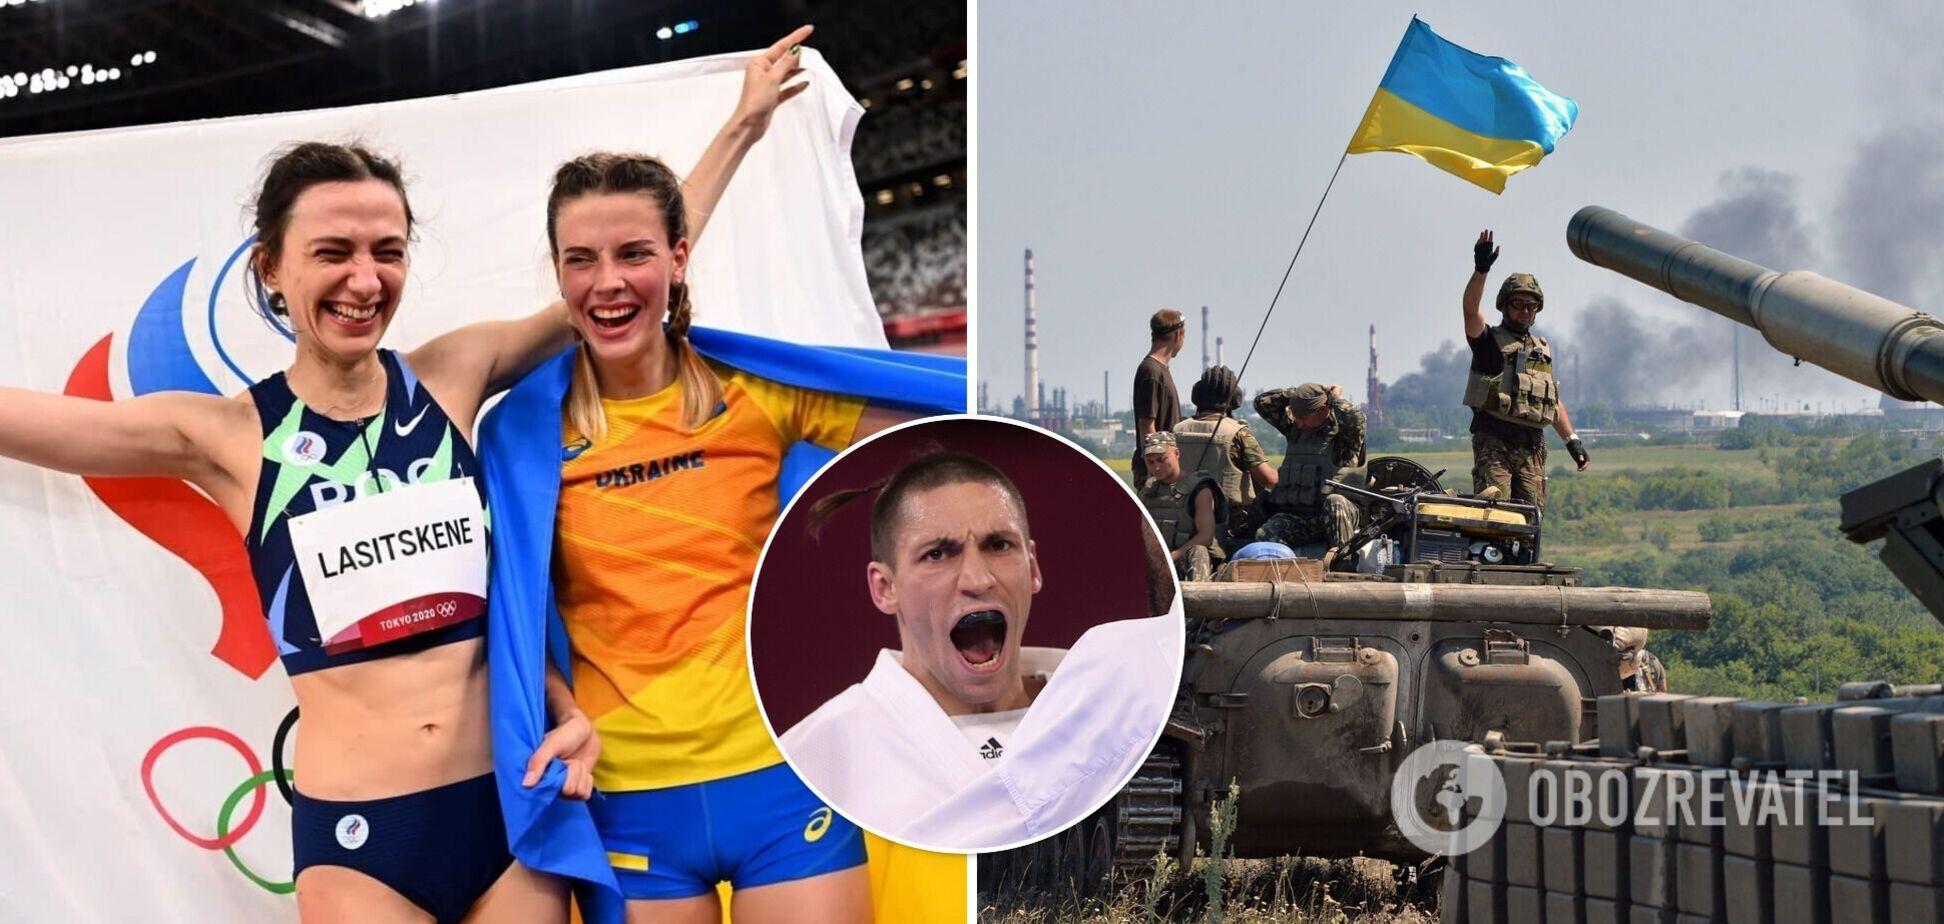 Общее фото Магучих и Ласицкене вызвало скандал в Украине